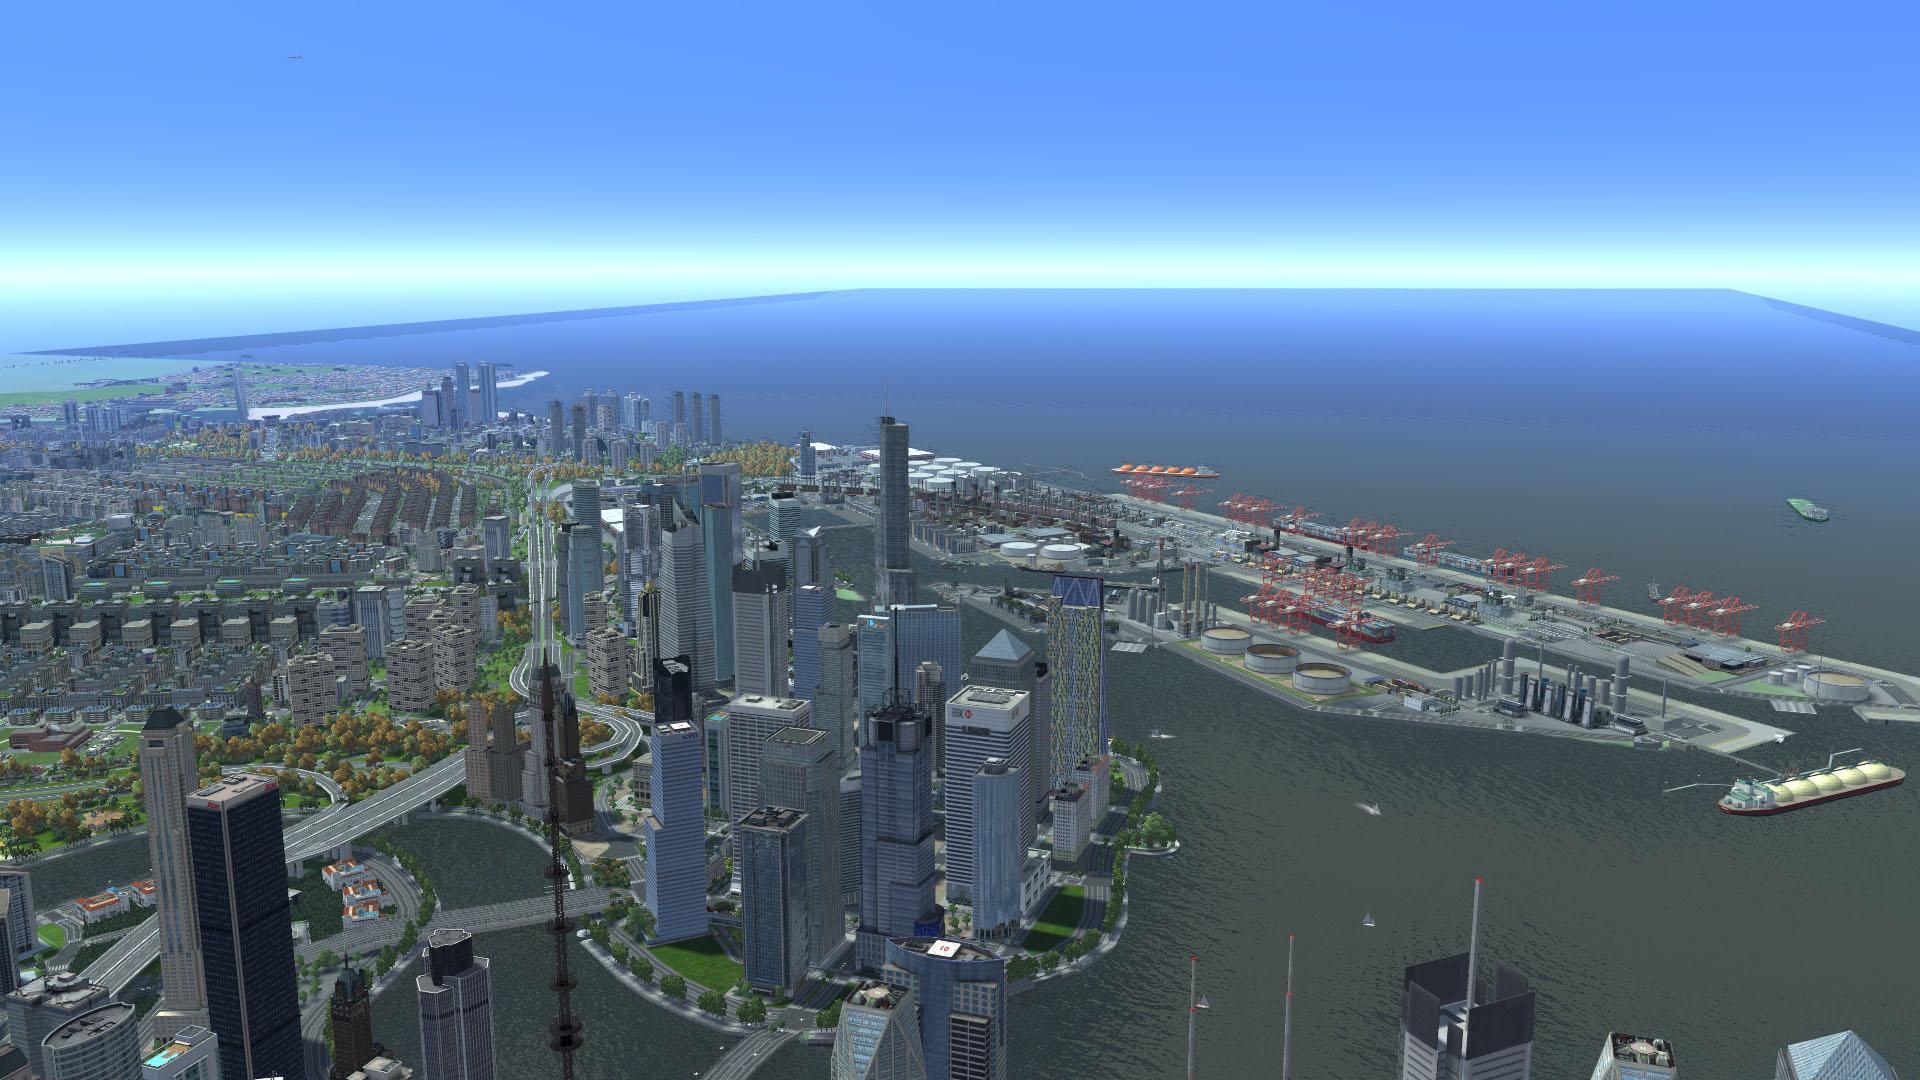 Puerto Bahía-Frente marítimo 04.jpg